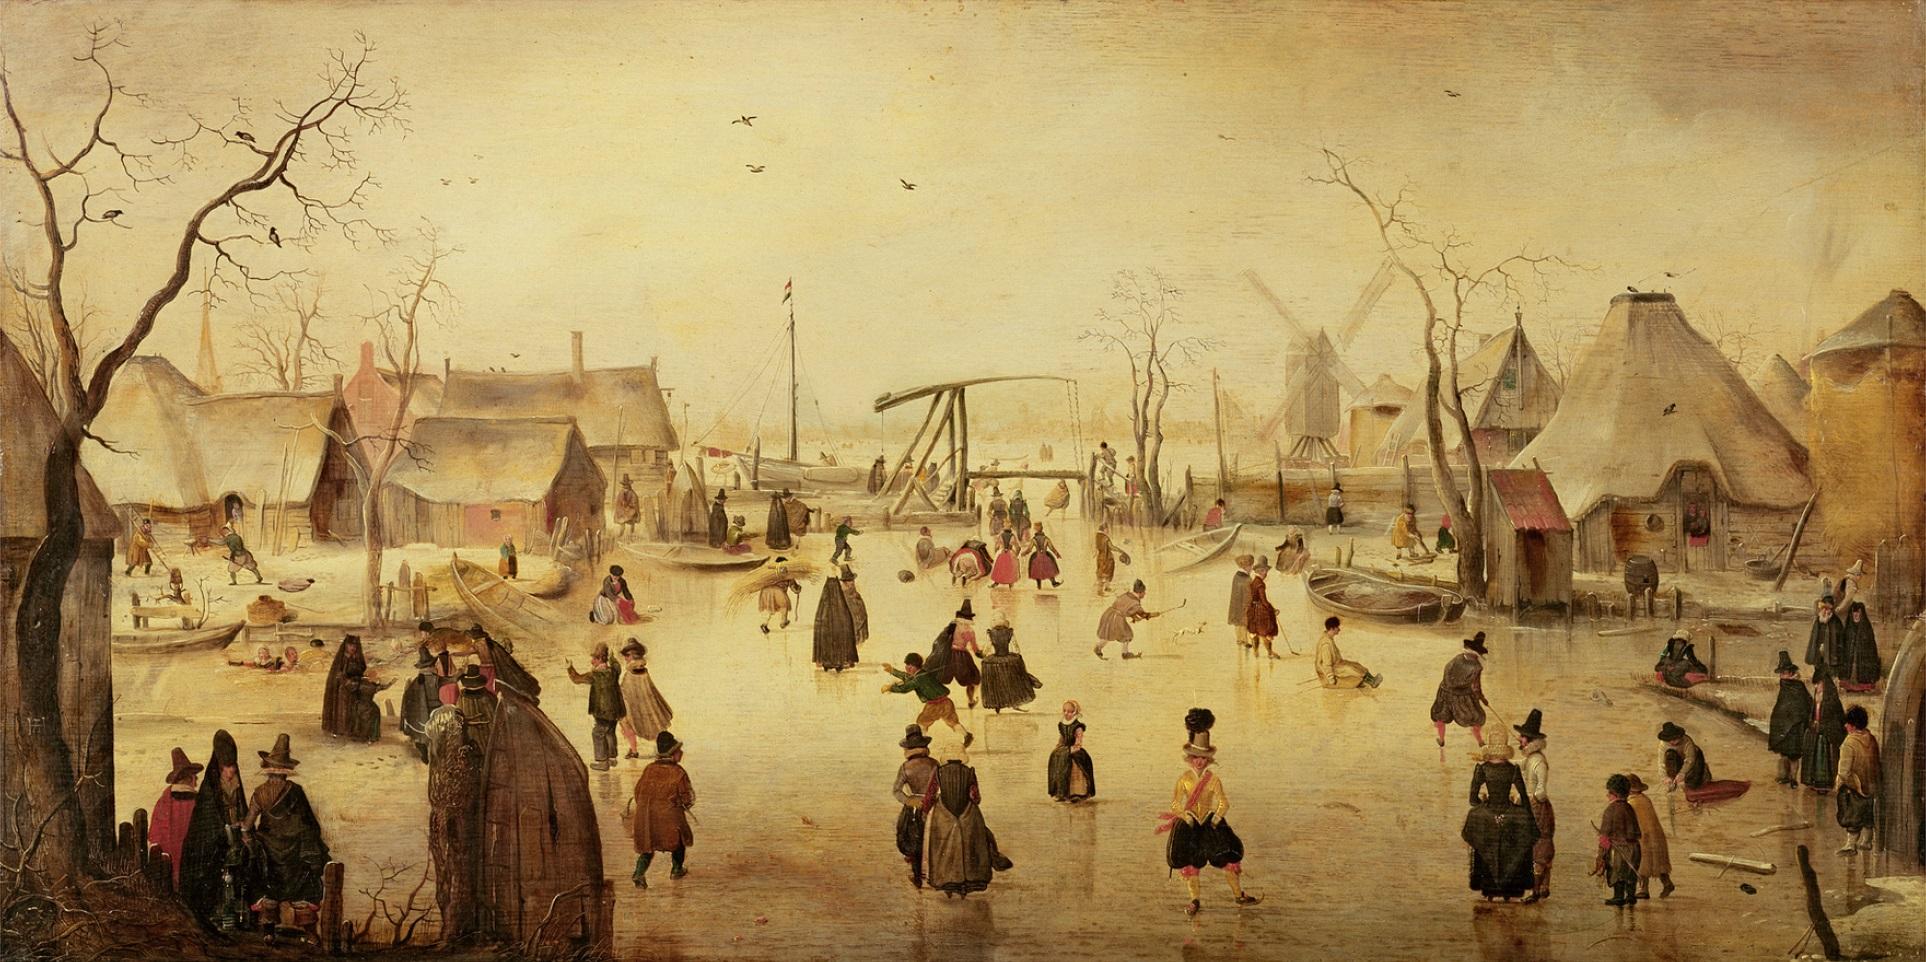 Die strengen Winter während der «Kleinen Eiszeit» lieferten unter anderem niederländischen Malern Motive, die ins kollektive Gedächtnis Europas eingegangen sind. Hier das im 17. Jahrhundert entstandene Gemälde «Die Freuden des Winters» von Hendrick Avercamp (1585-1634). Quelle: The Bridgeman Art Library, Object 39769, Wikimedia